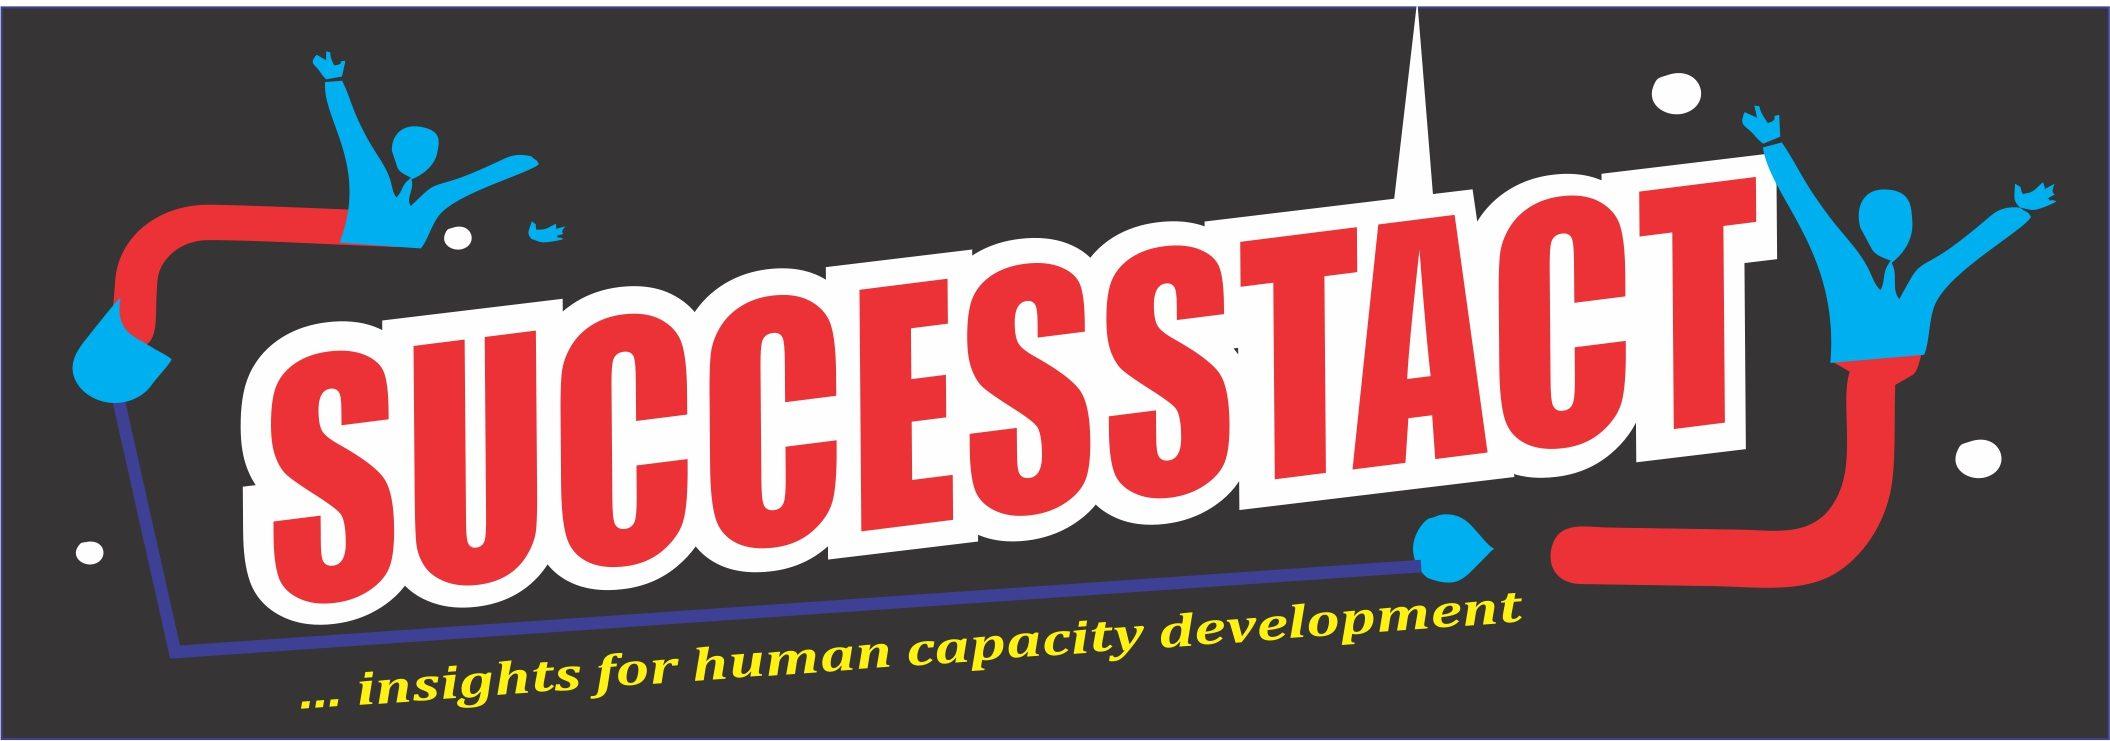 SUCCESSTACT